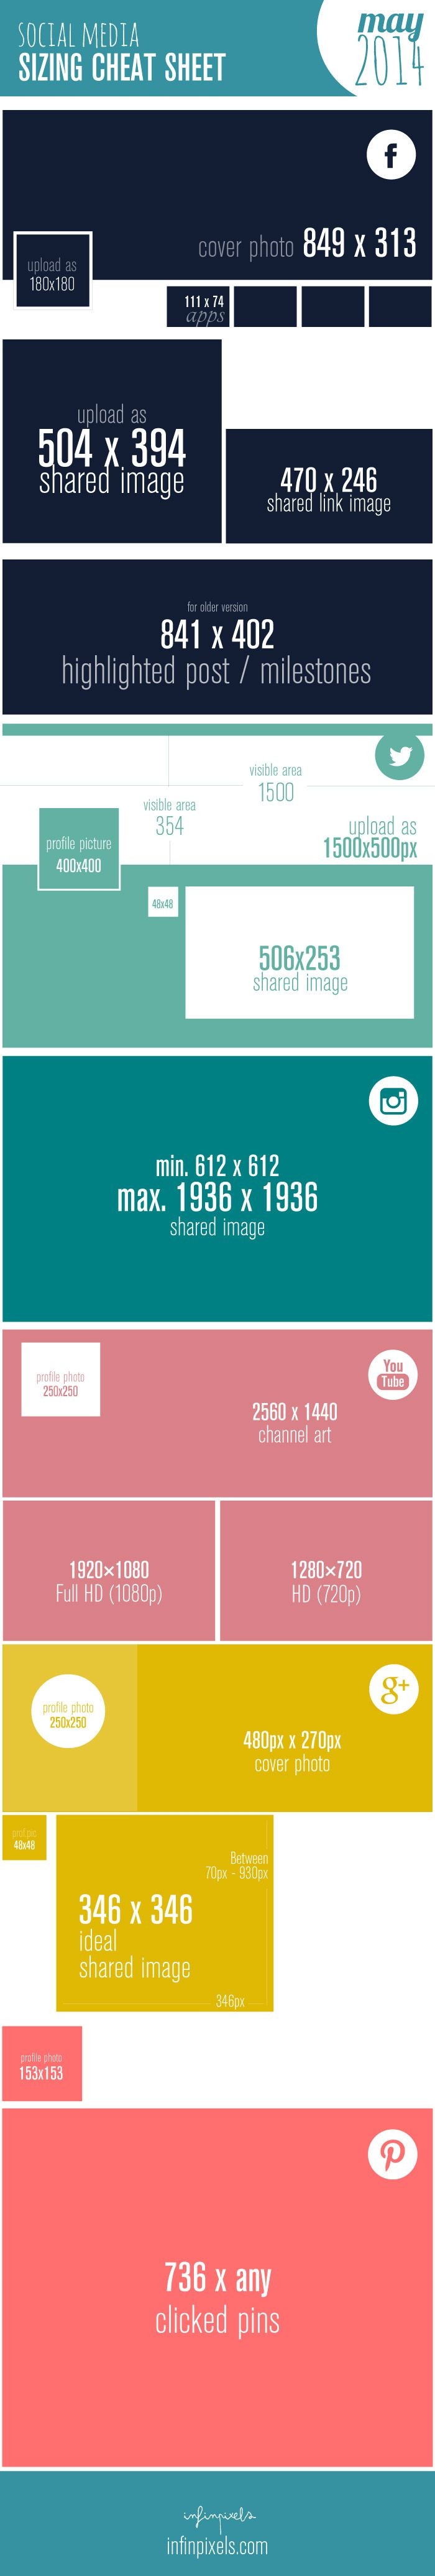 Una #infografia sobre las Dimensiones imágenes en #RedesSociales.